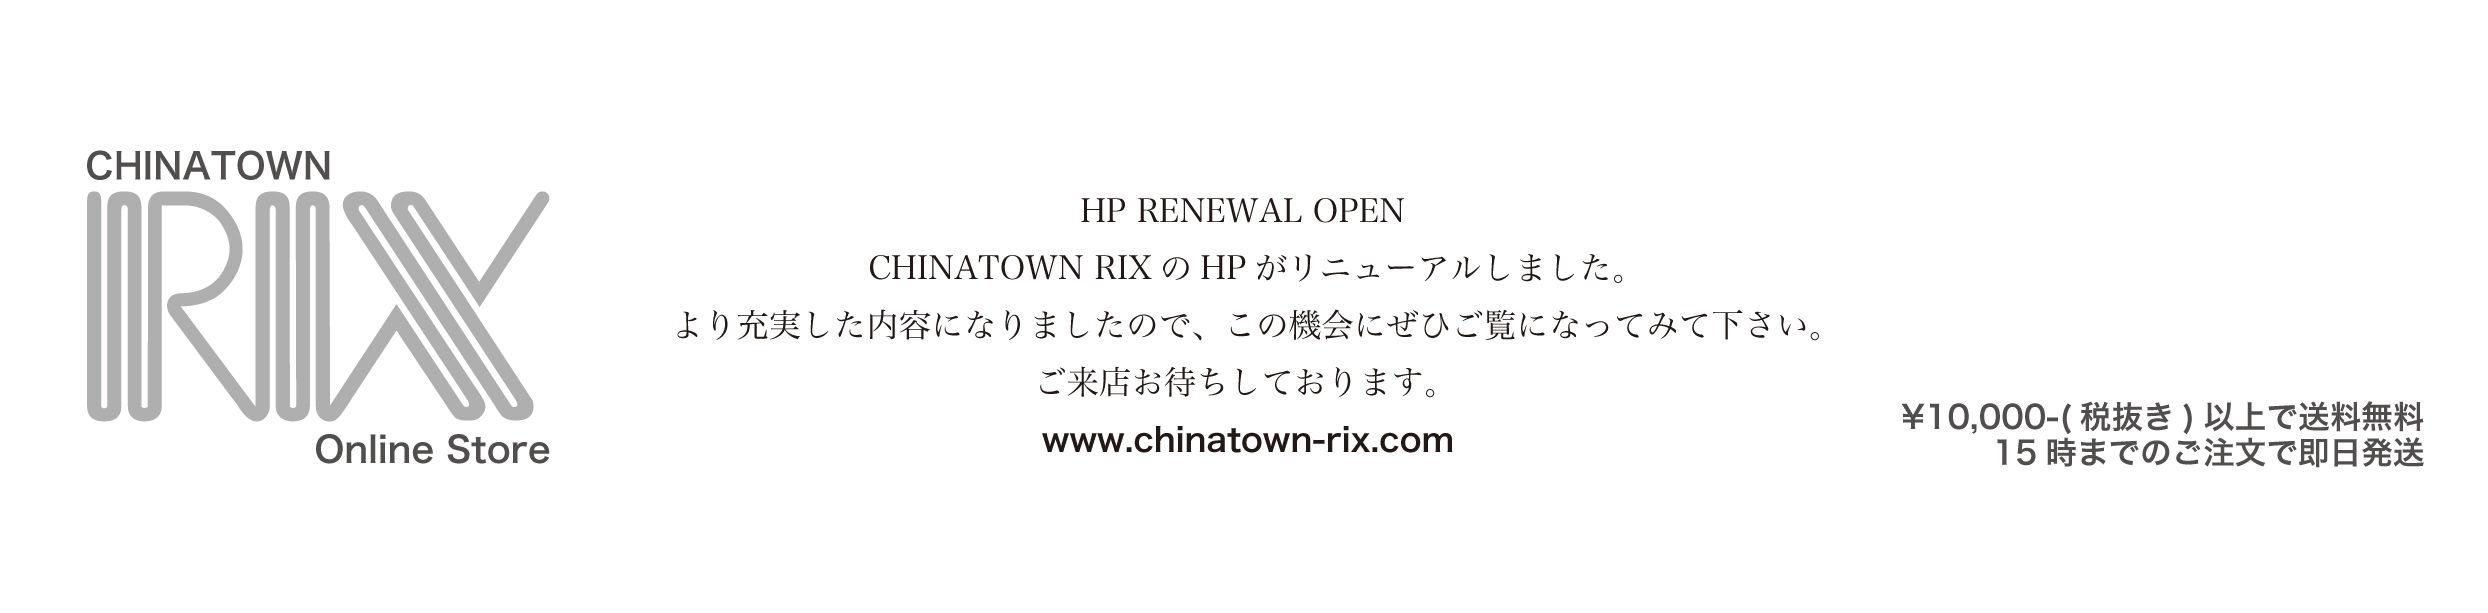 CHINATOWN RIX OnlineStore